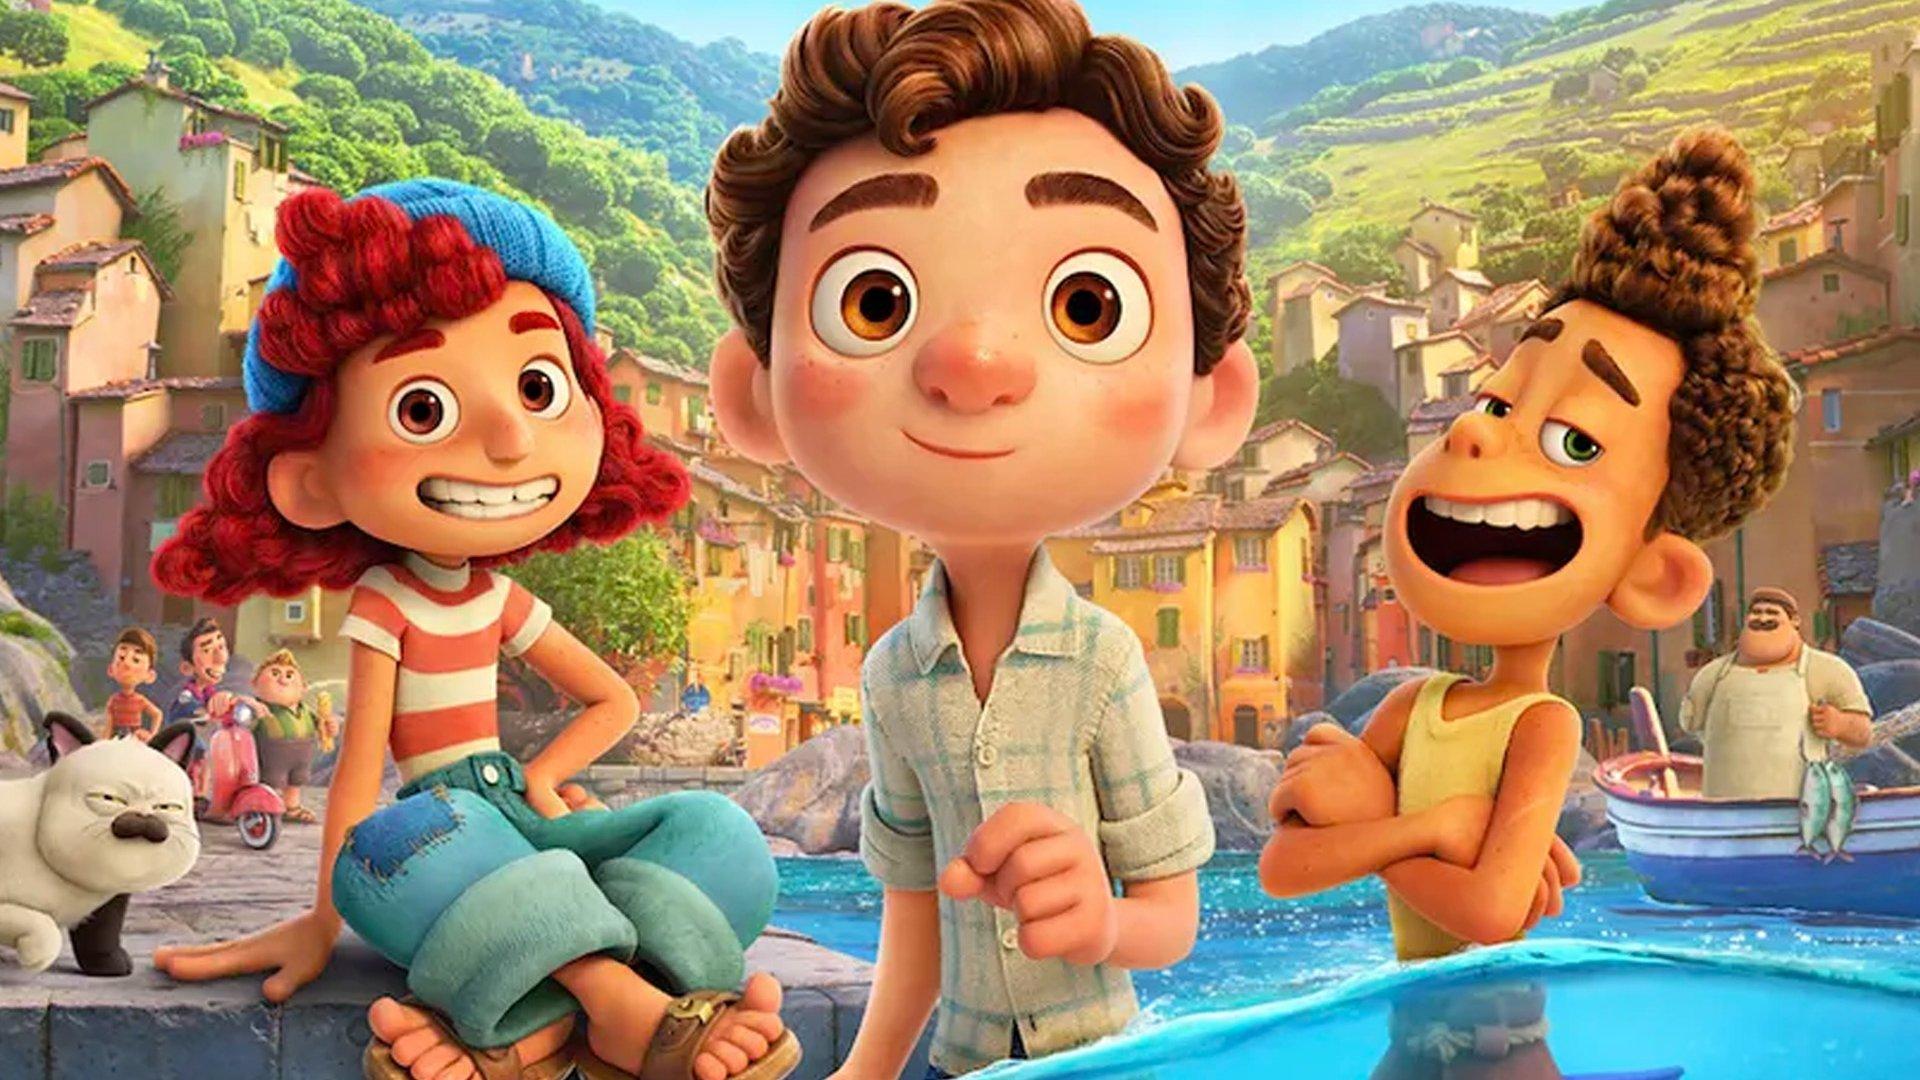 La nueva película Luca de Pixar ya se puede ver gratis en Disney Plus